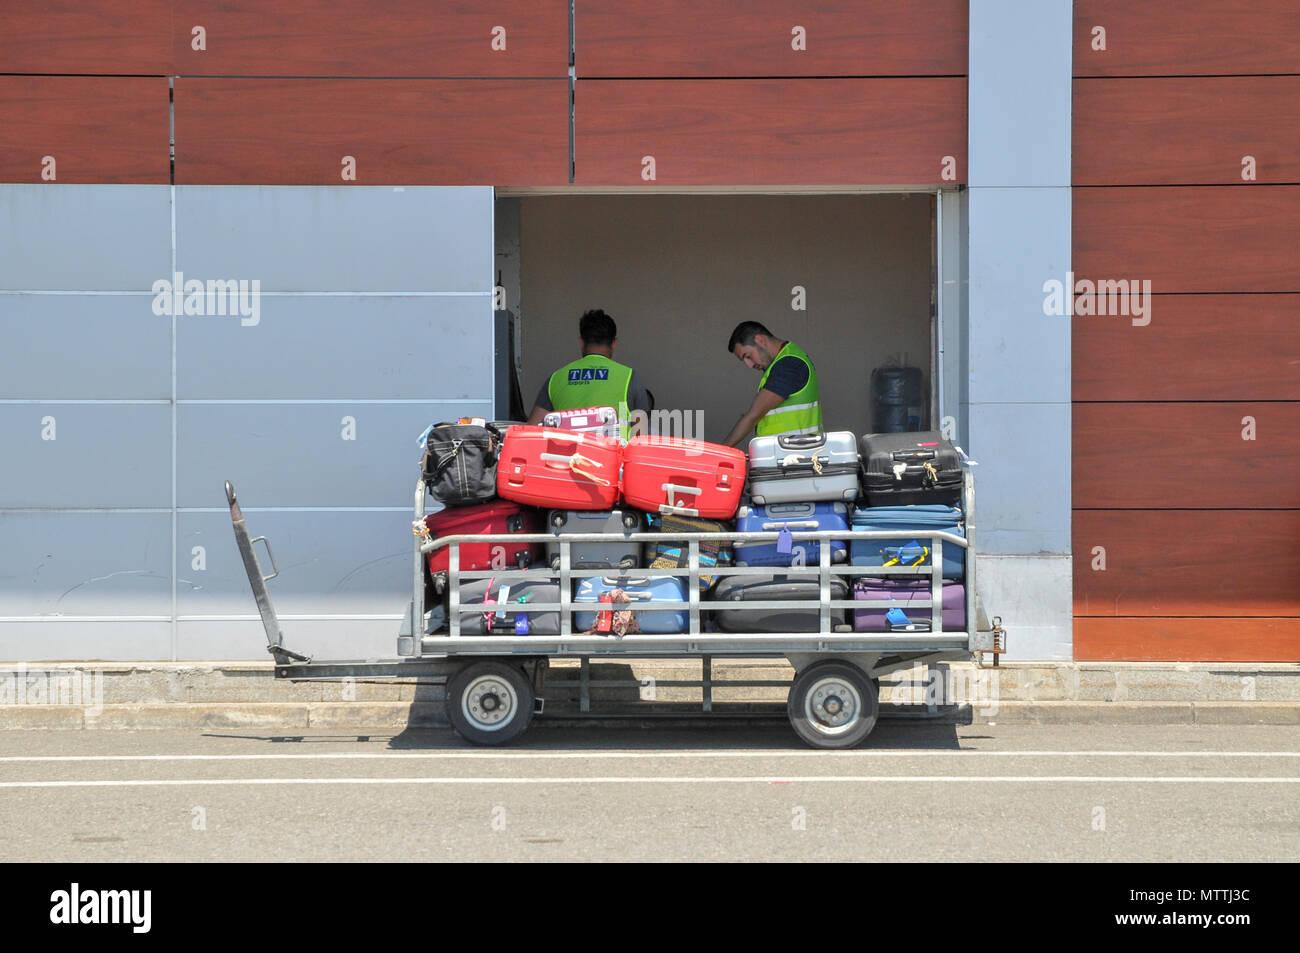 Baggage handling at Batumi international airport, Georgia - Stock Image